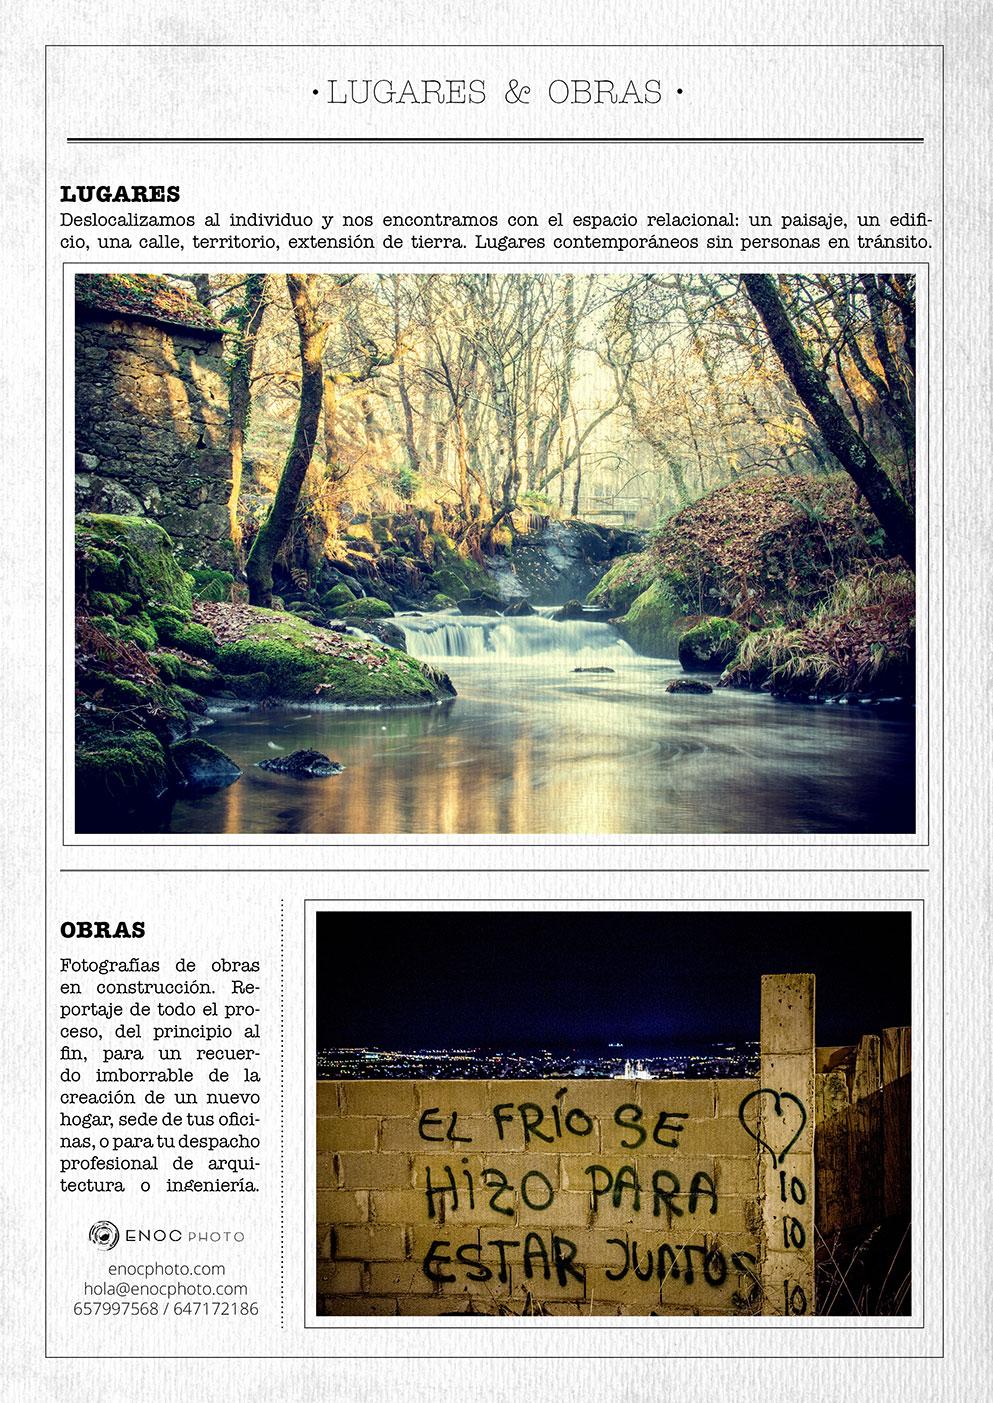 pdf descargables de la web de Enoc Photo